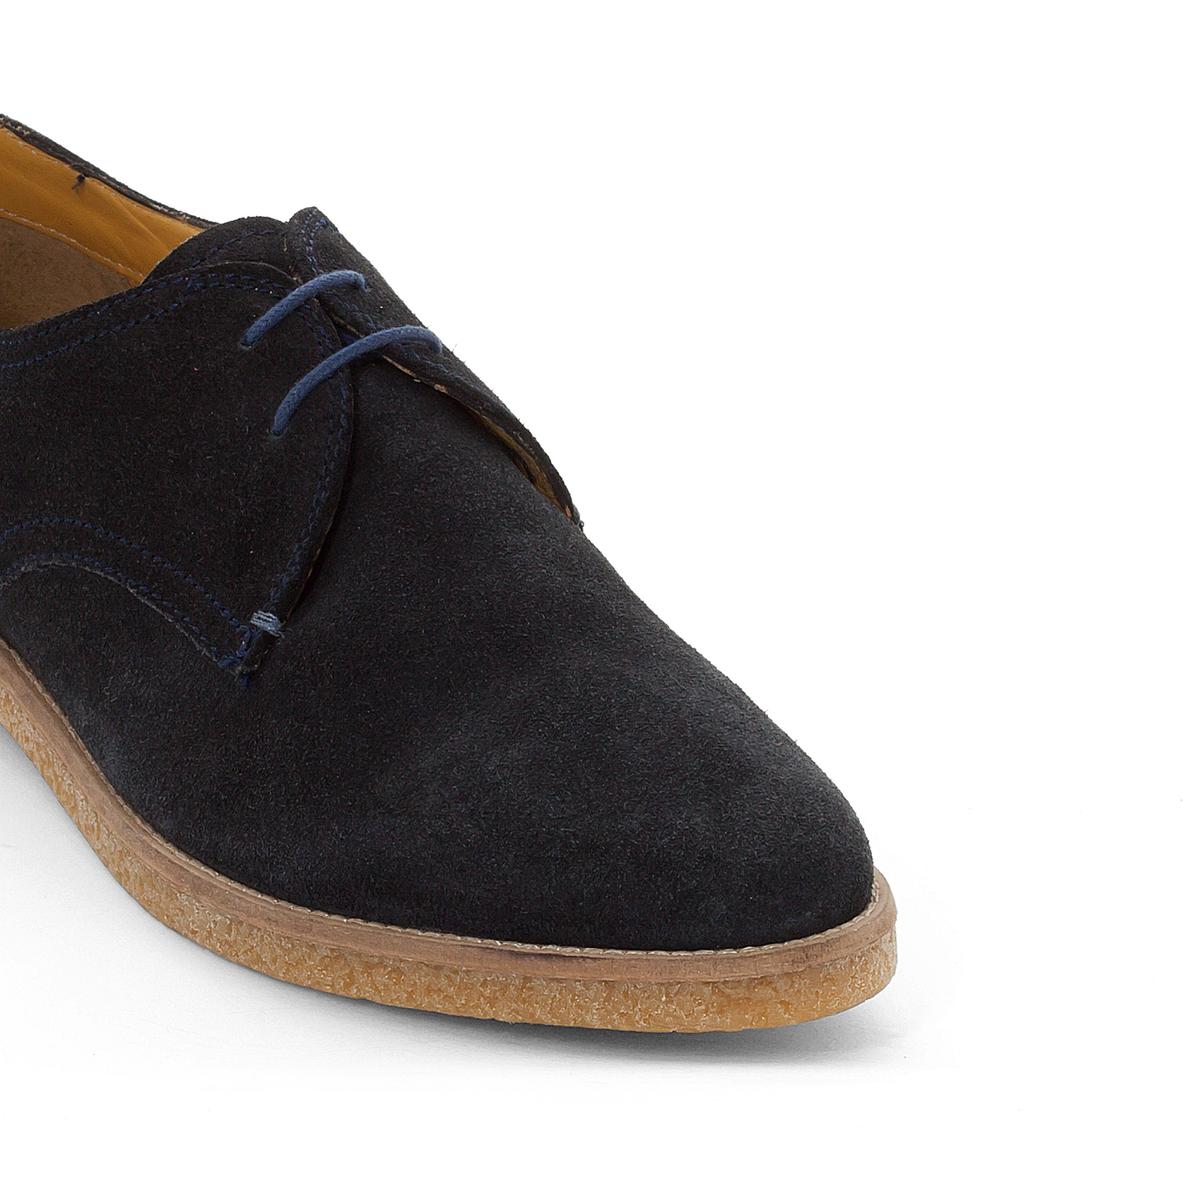 Ботинки-дерби кожаные Whitlock ботинки дерби кожаные